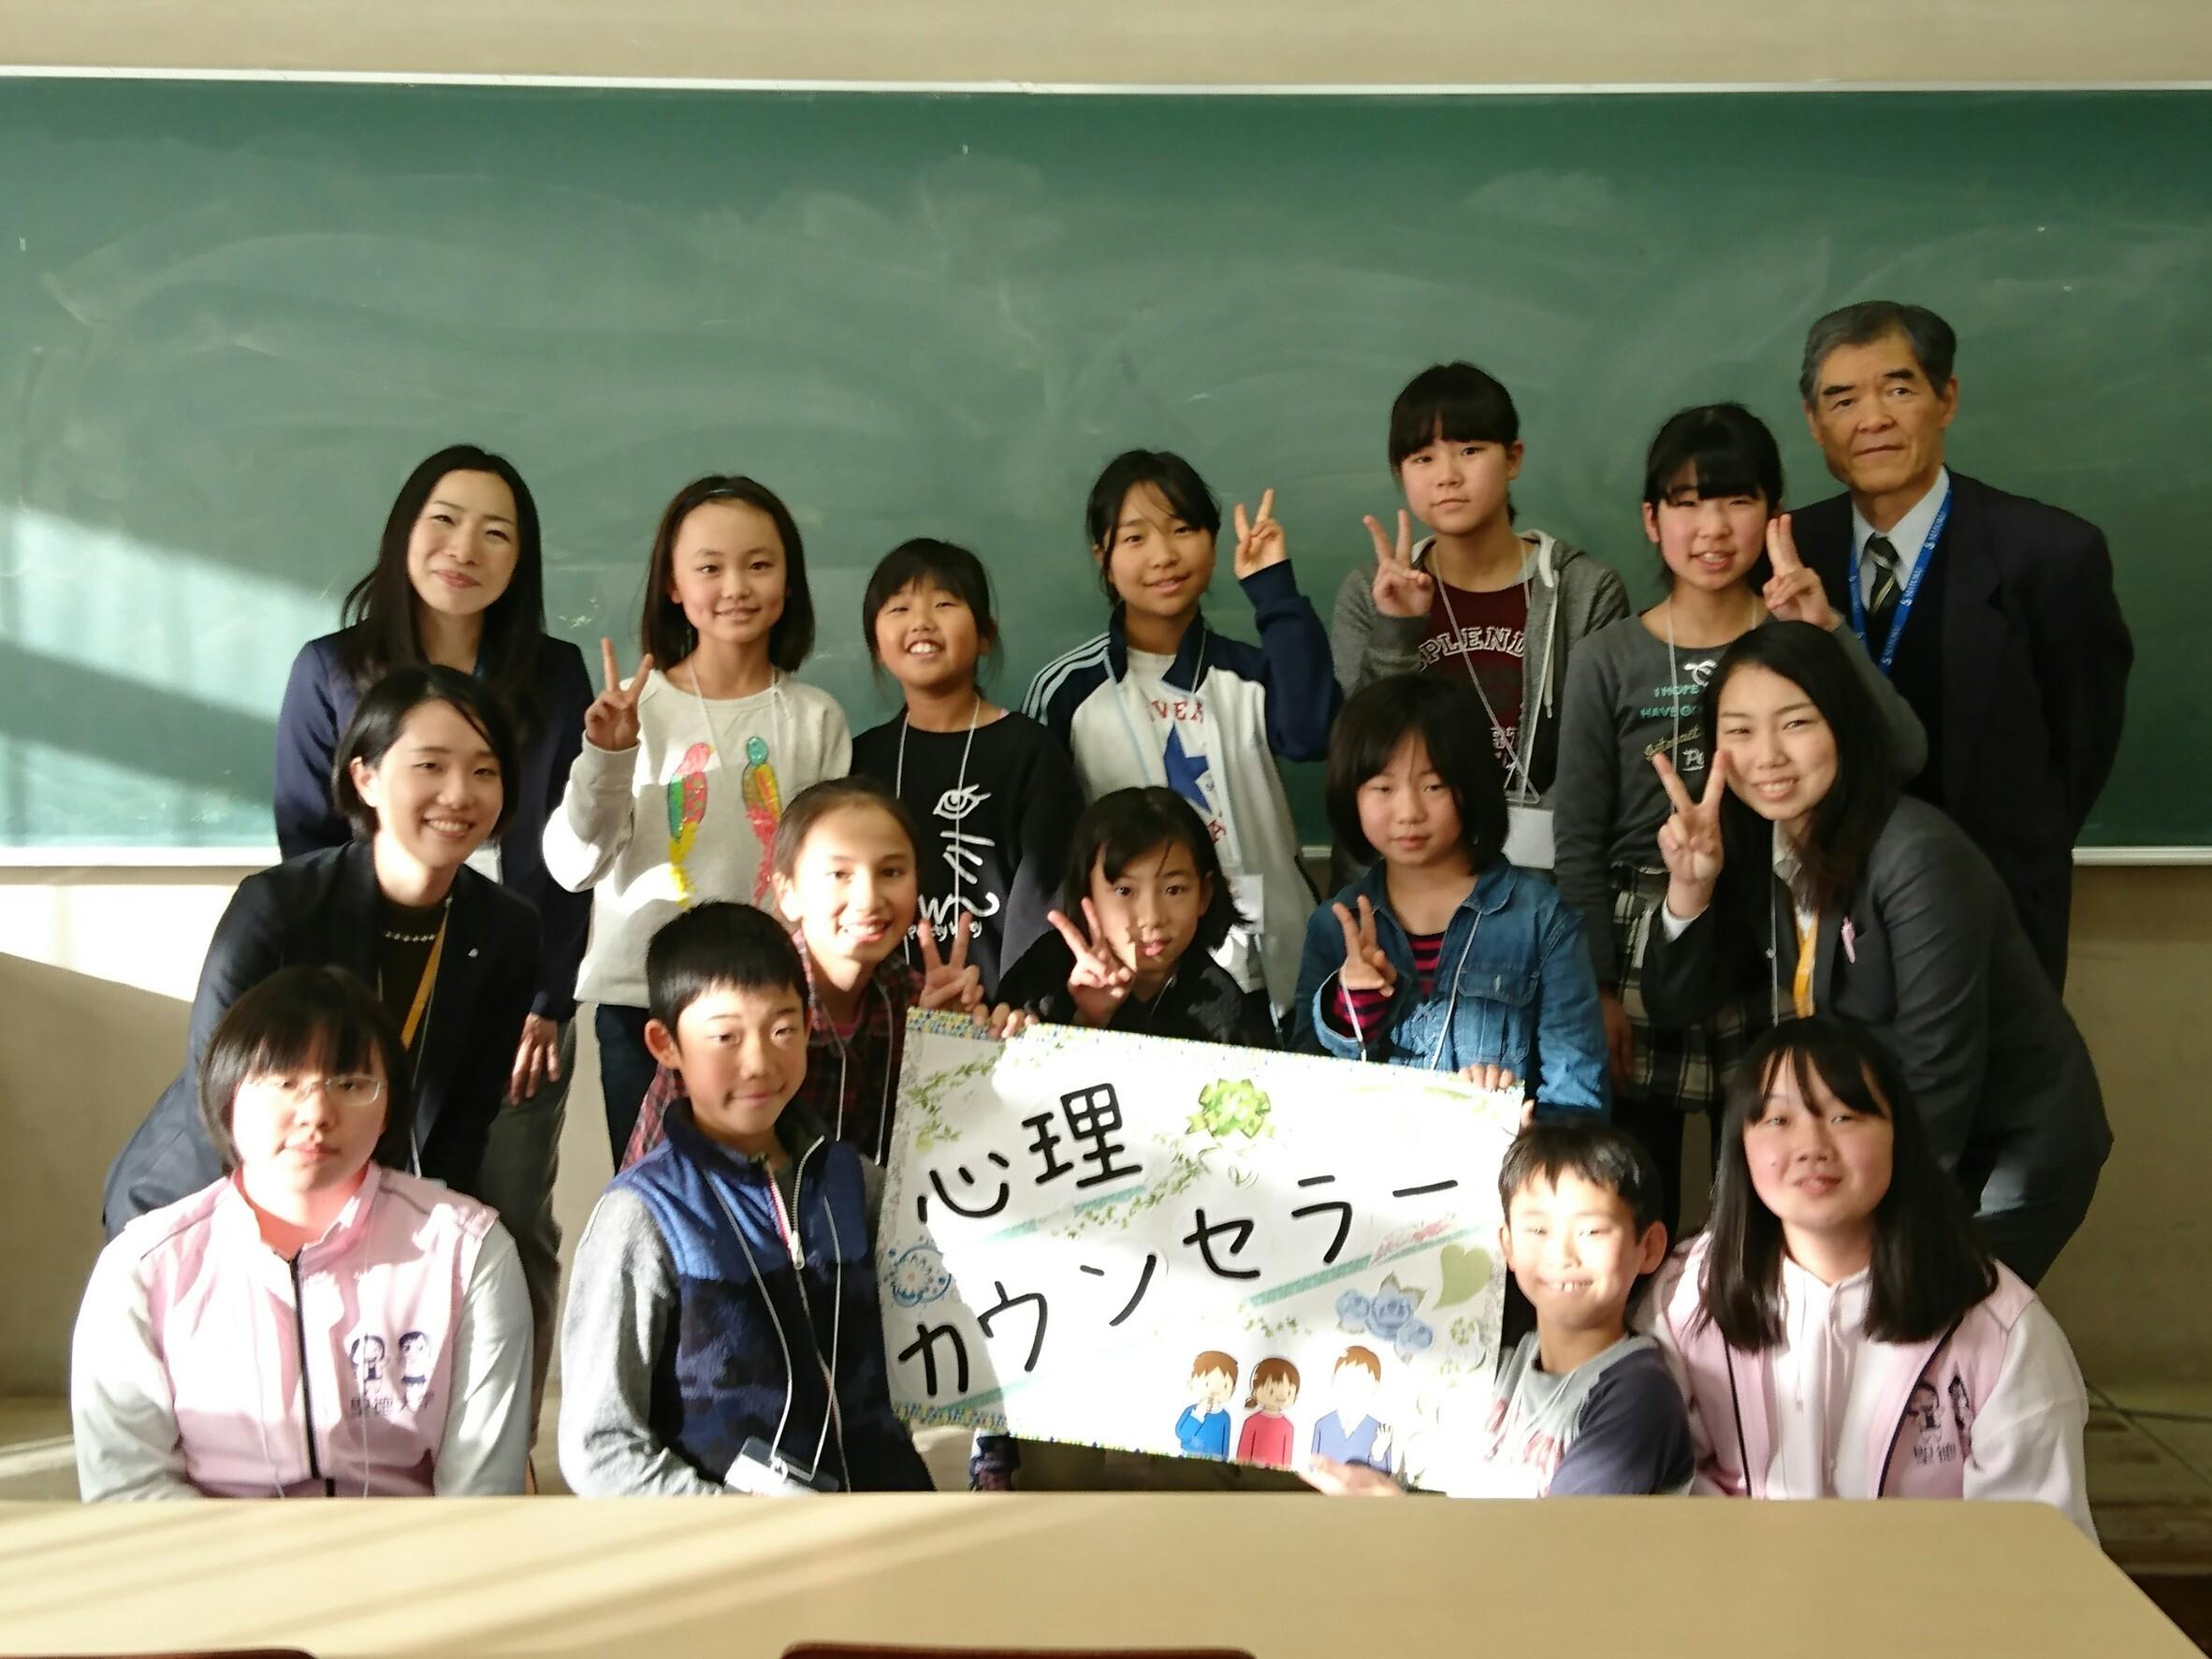 ジュニア夢カレッジが開催されました!